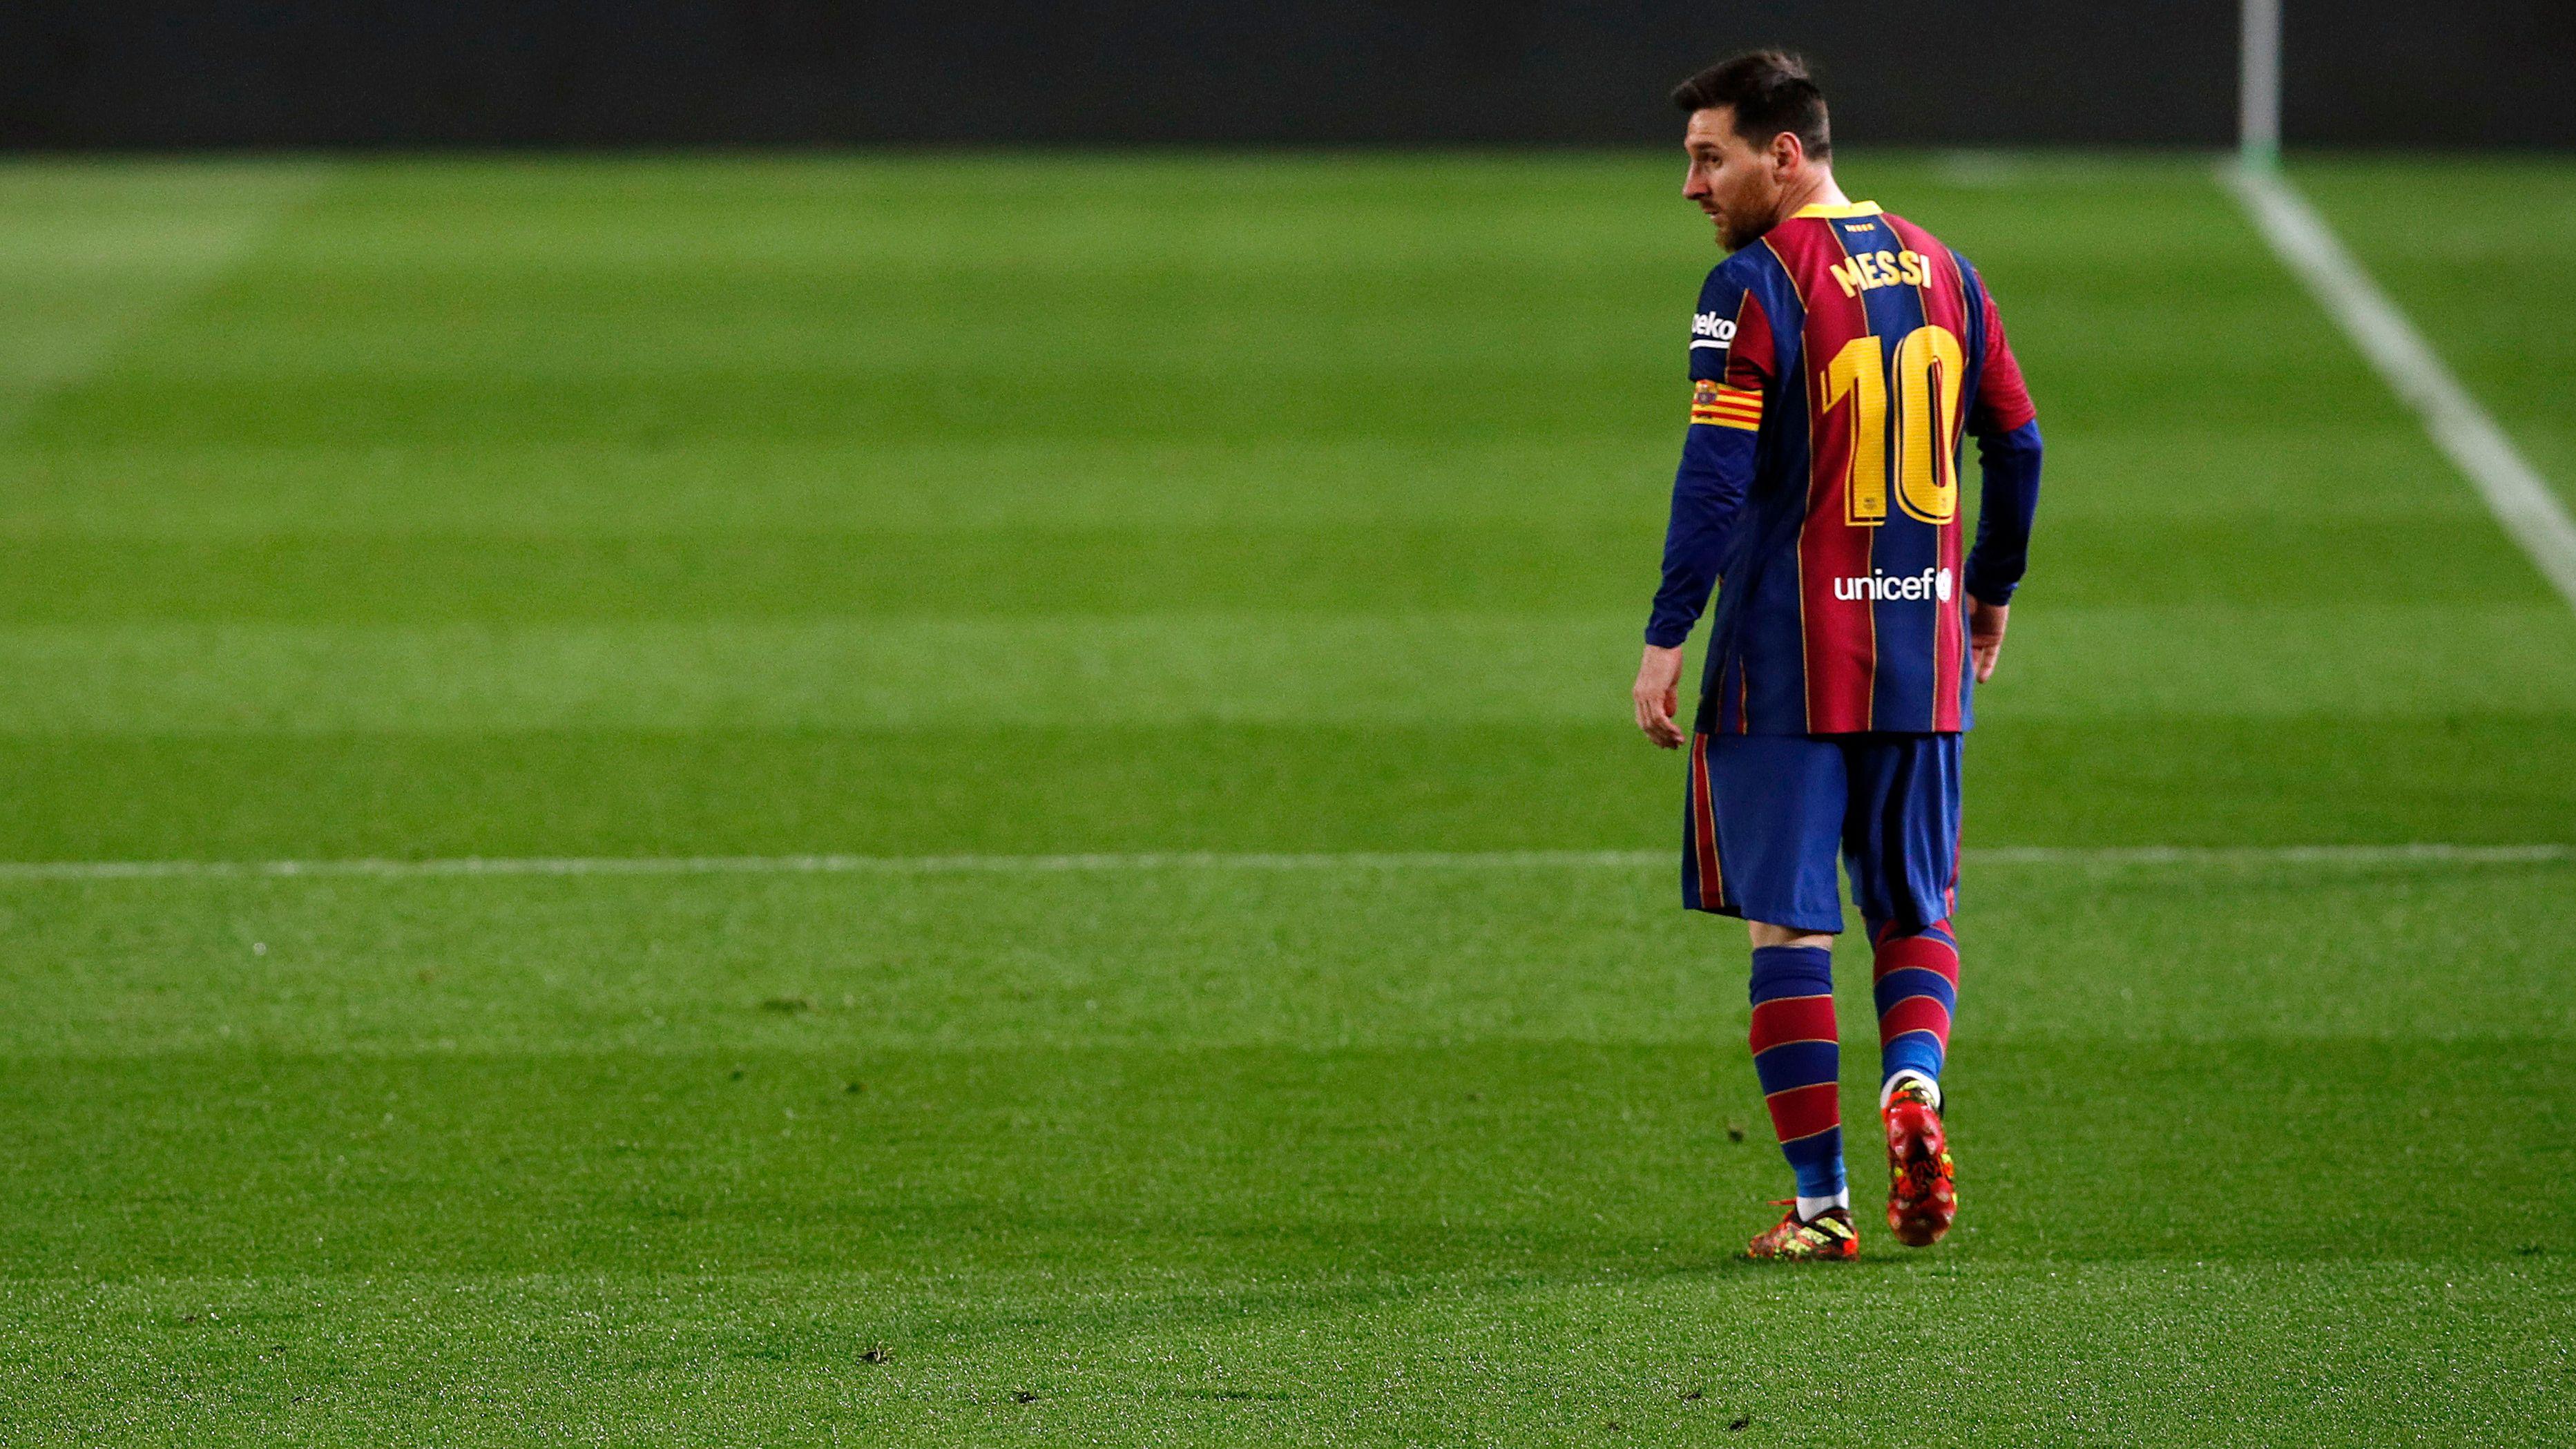 ¿Se queda en Barcelona? Una sorprendente frase sobre Messi (REUTERS/Albert Gea)